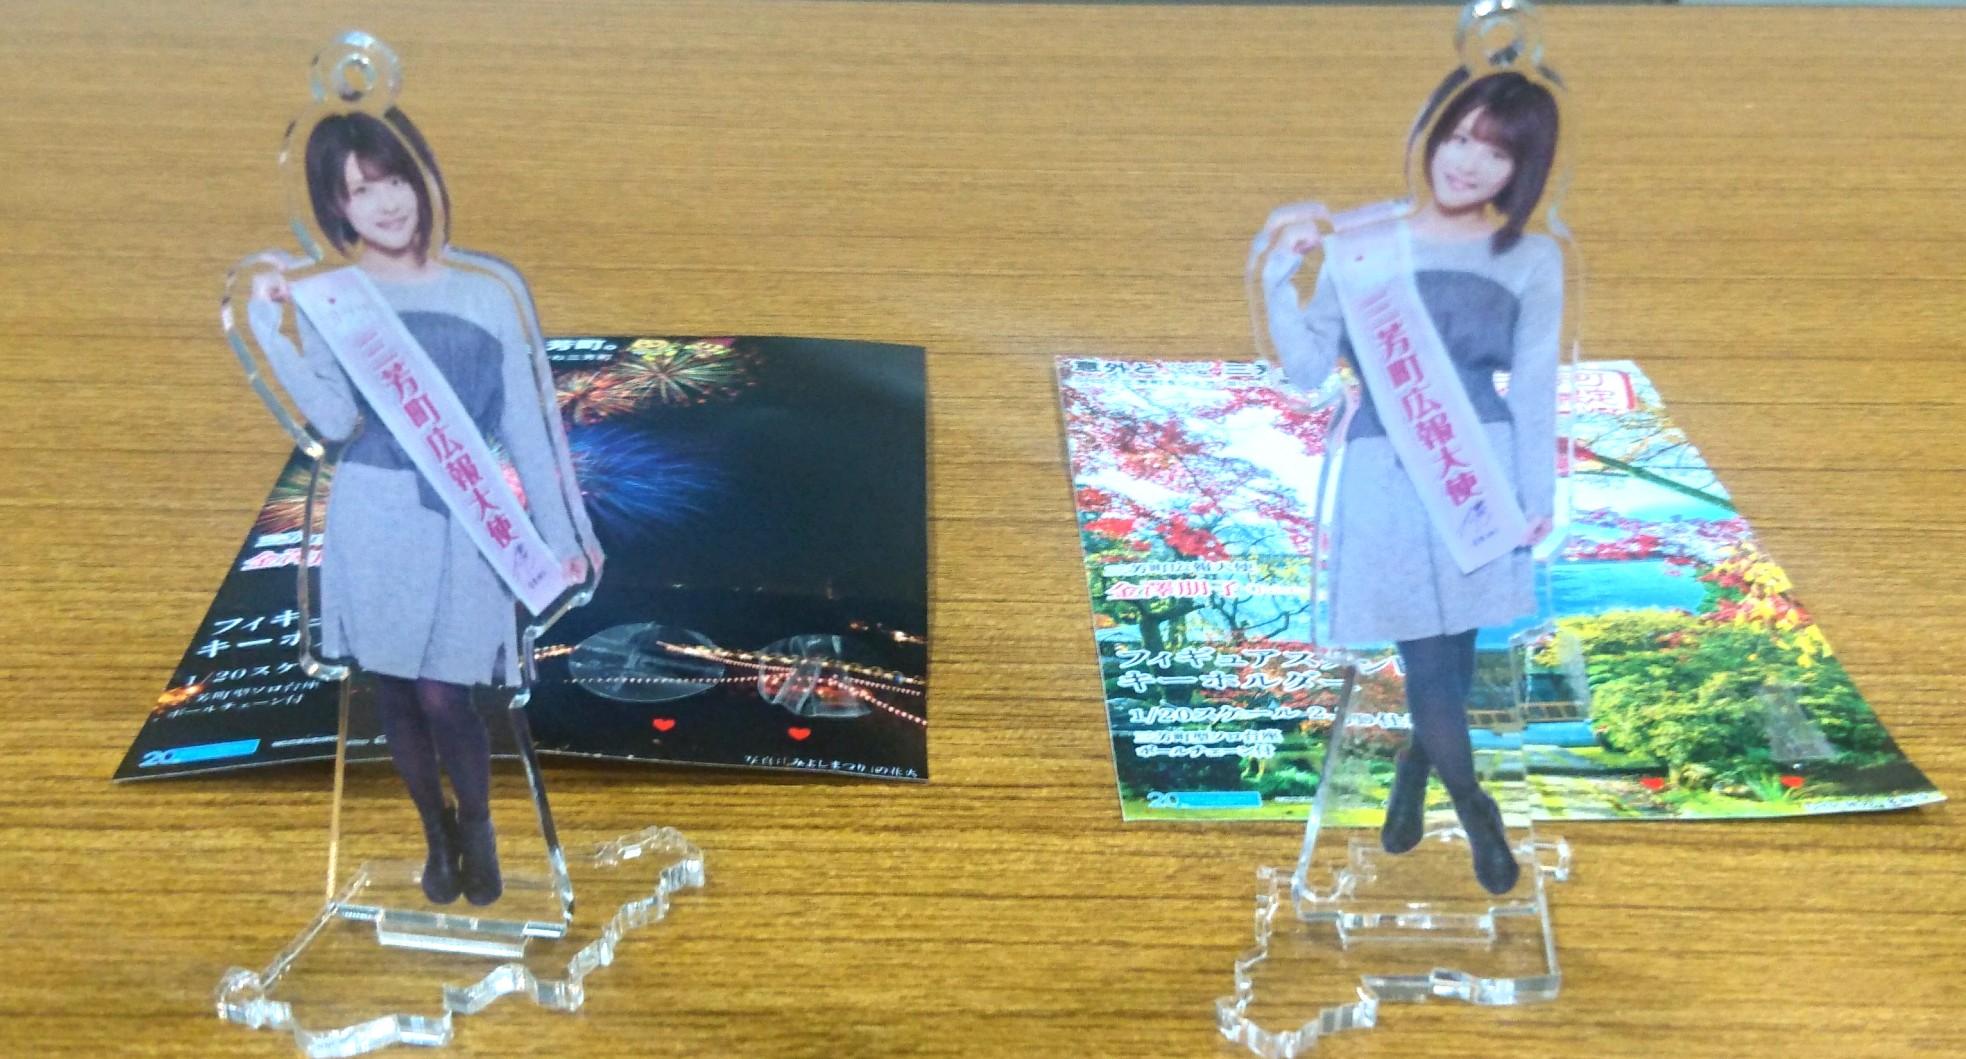 三芳町広報大使 金澤朋子さんフィギュアスタンドキーホルダー